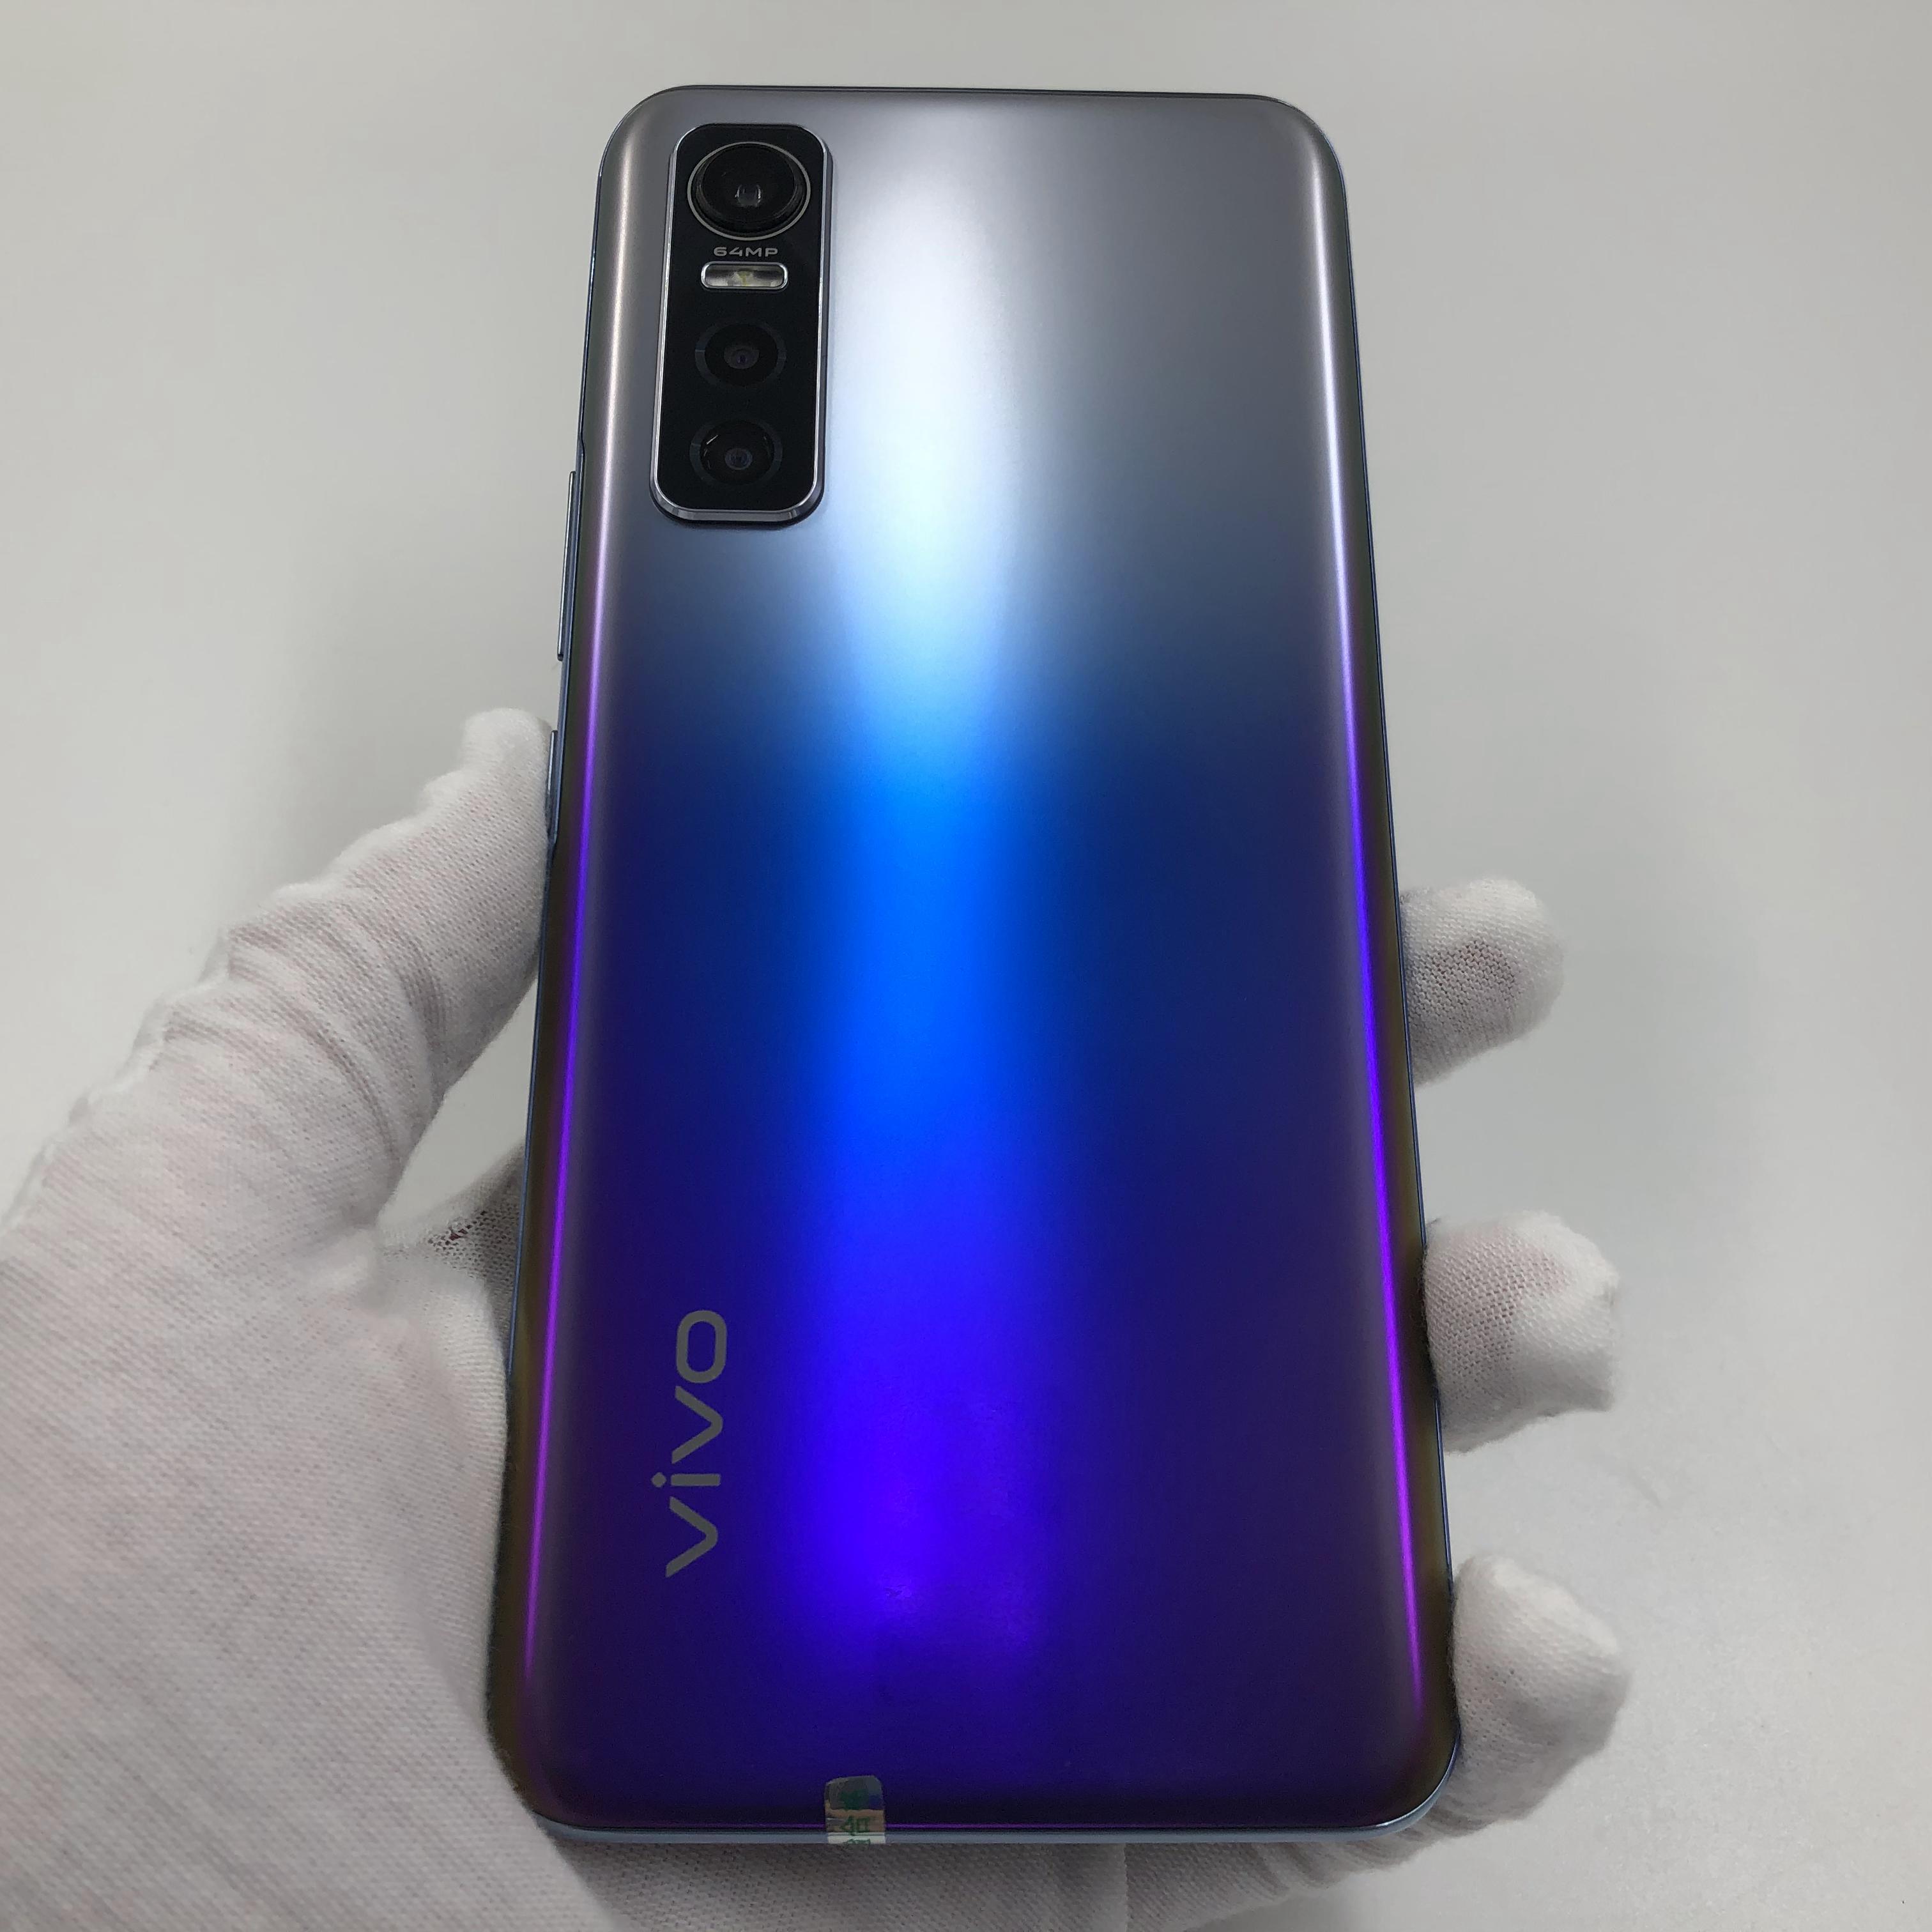 vivo【S7e 5G】5G全网通 幻砂星海 8G/128G 国行 9成新 真机实拍原包装盒+配件